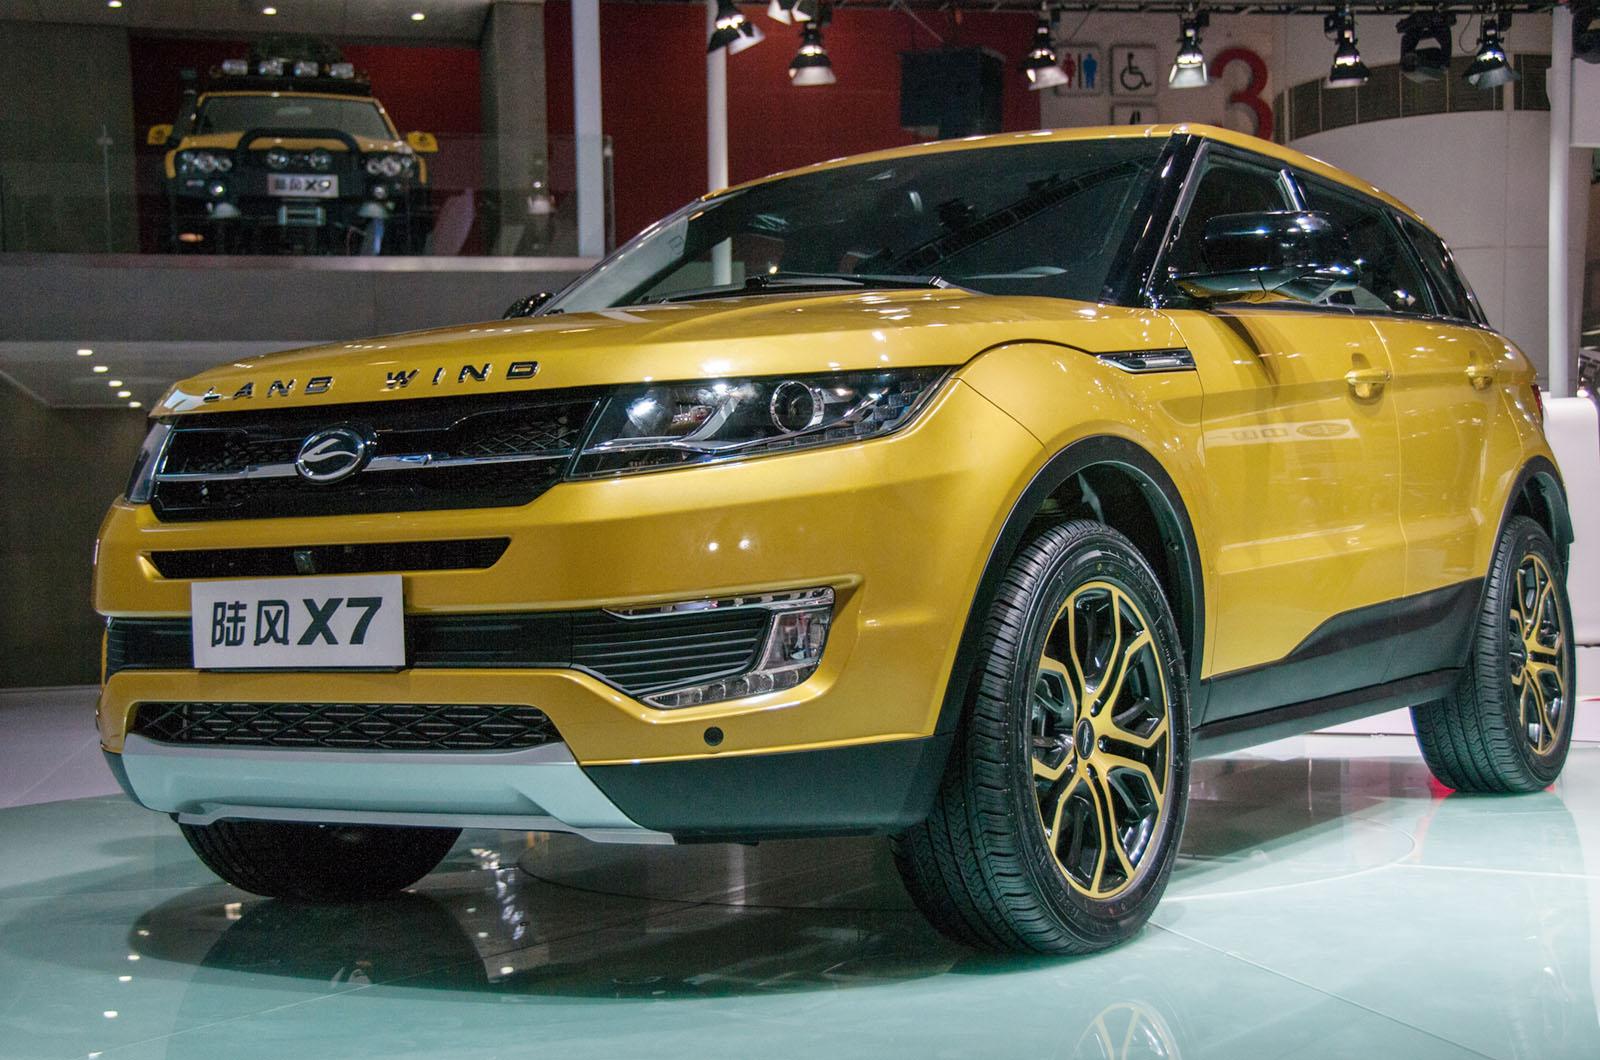 Из-за китайский копий Land Rover стал меньше создавать концепты